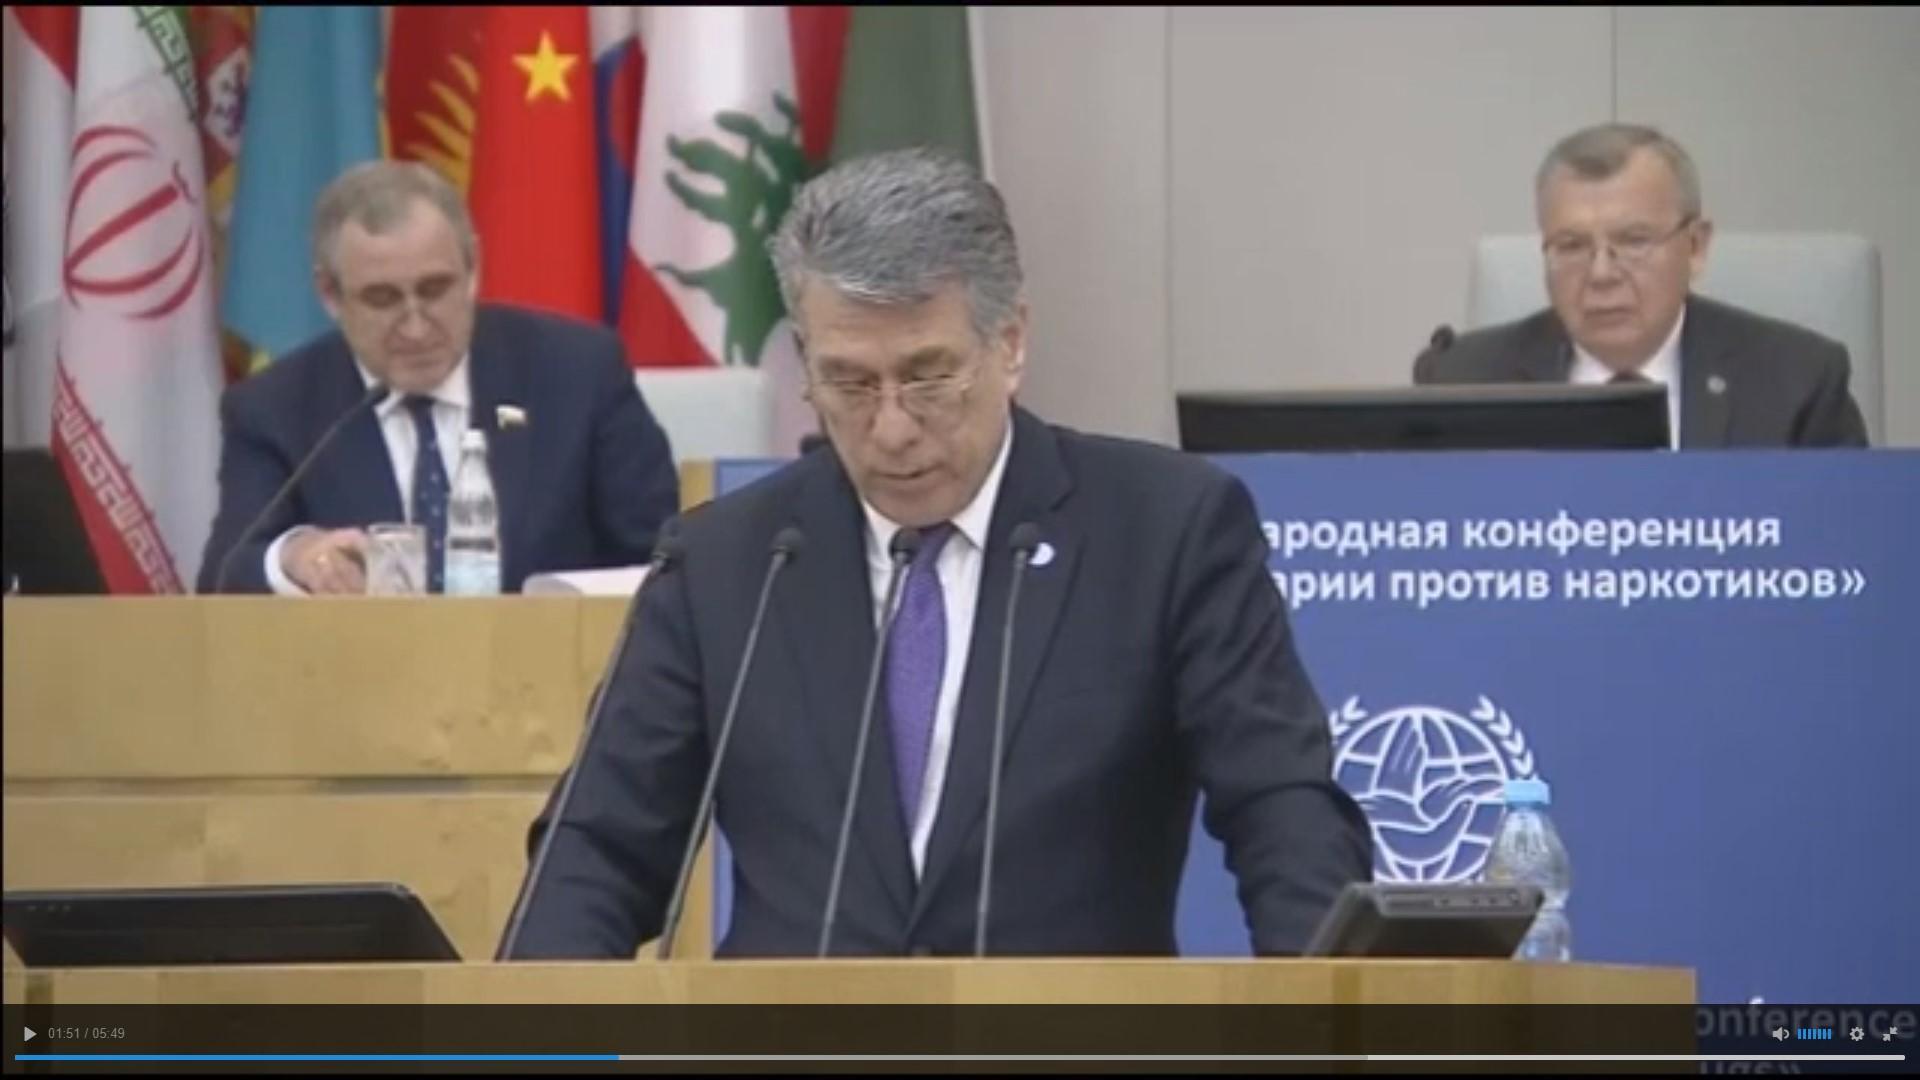 Зияфет Аскеров: В оккупированном Нагорном Карабахе созданы условия для функционирования различных преступных групп